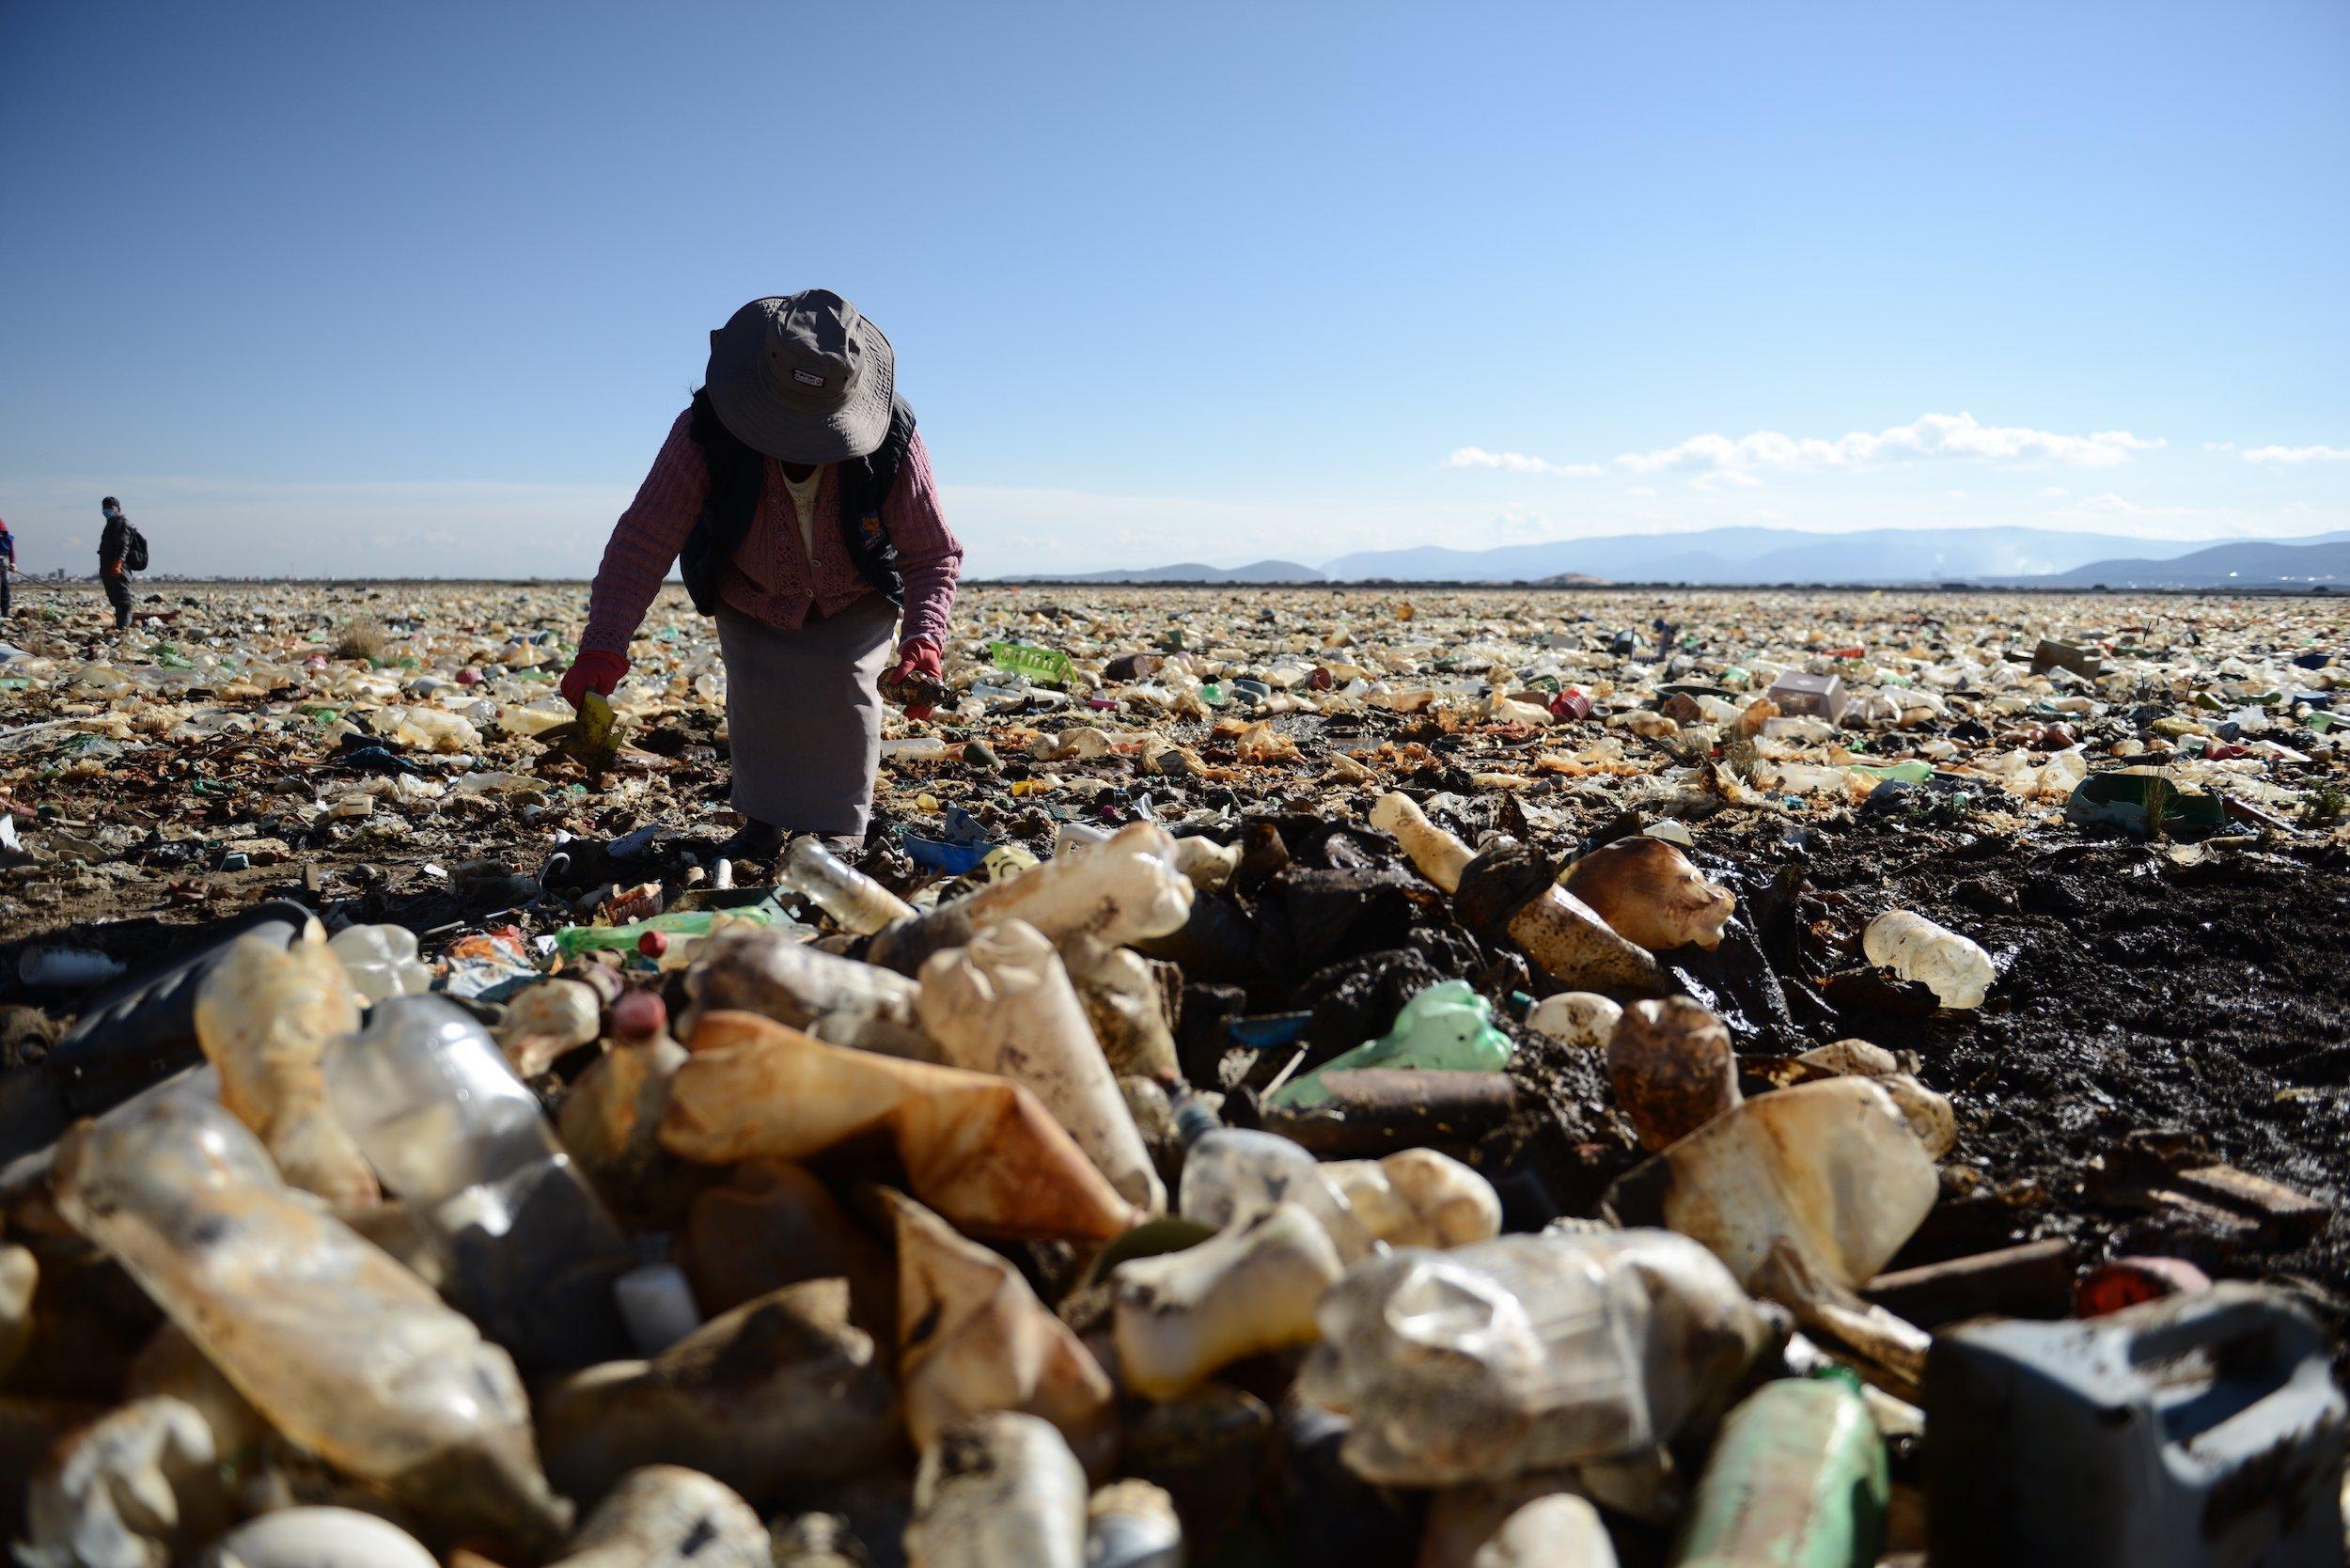 Eine Frau mit Handschuhen nimmt an einer großangelegten Säuberungsaktion am verschmutzten Uru Uru-See teil.